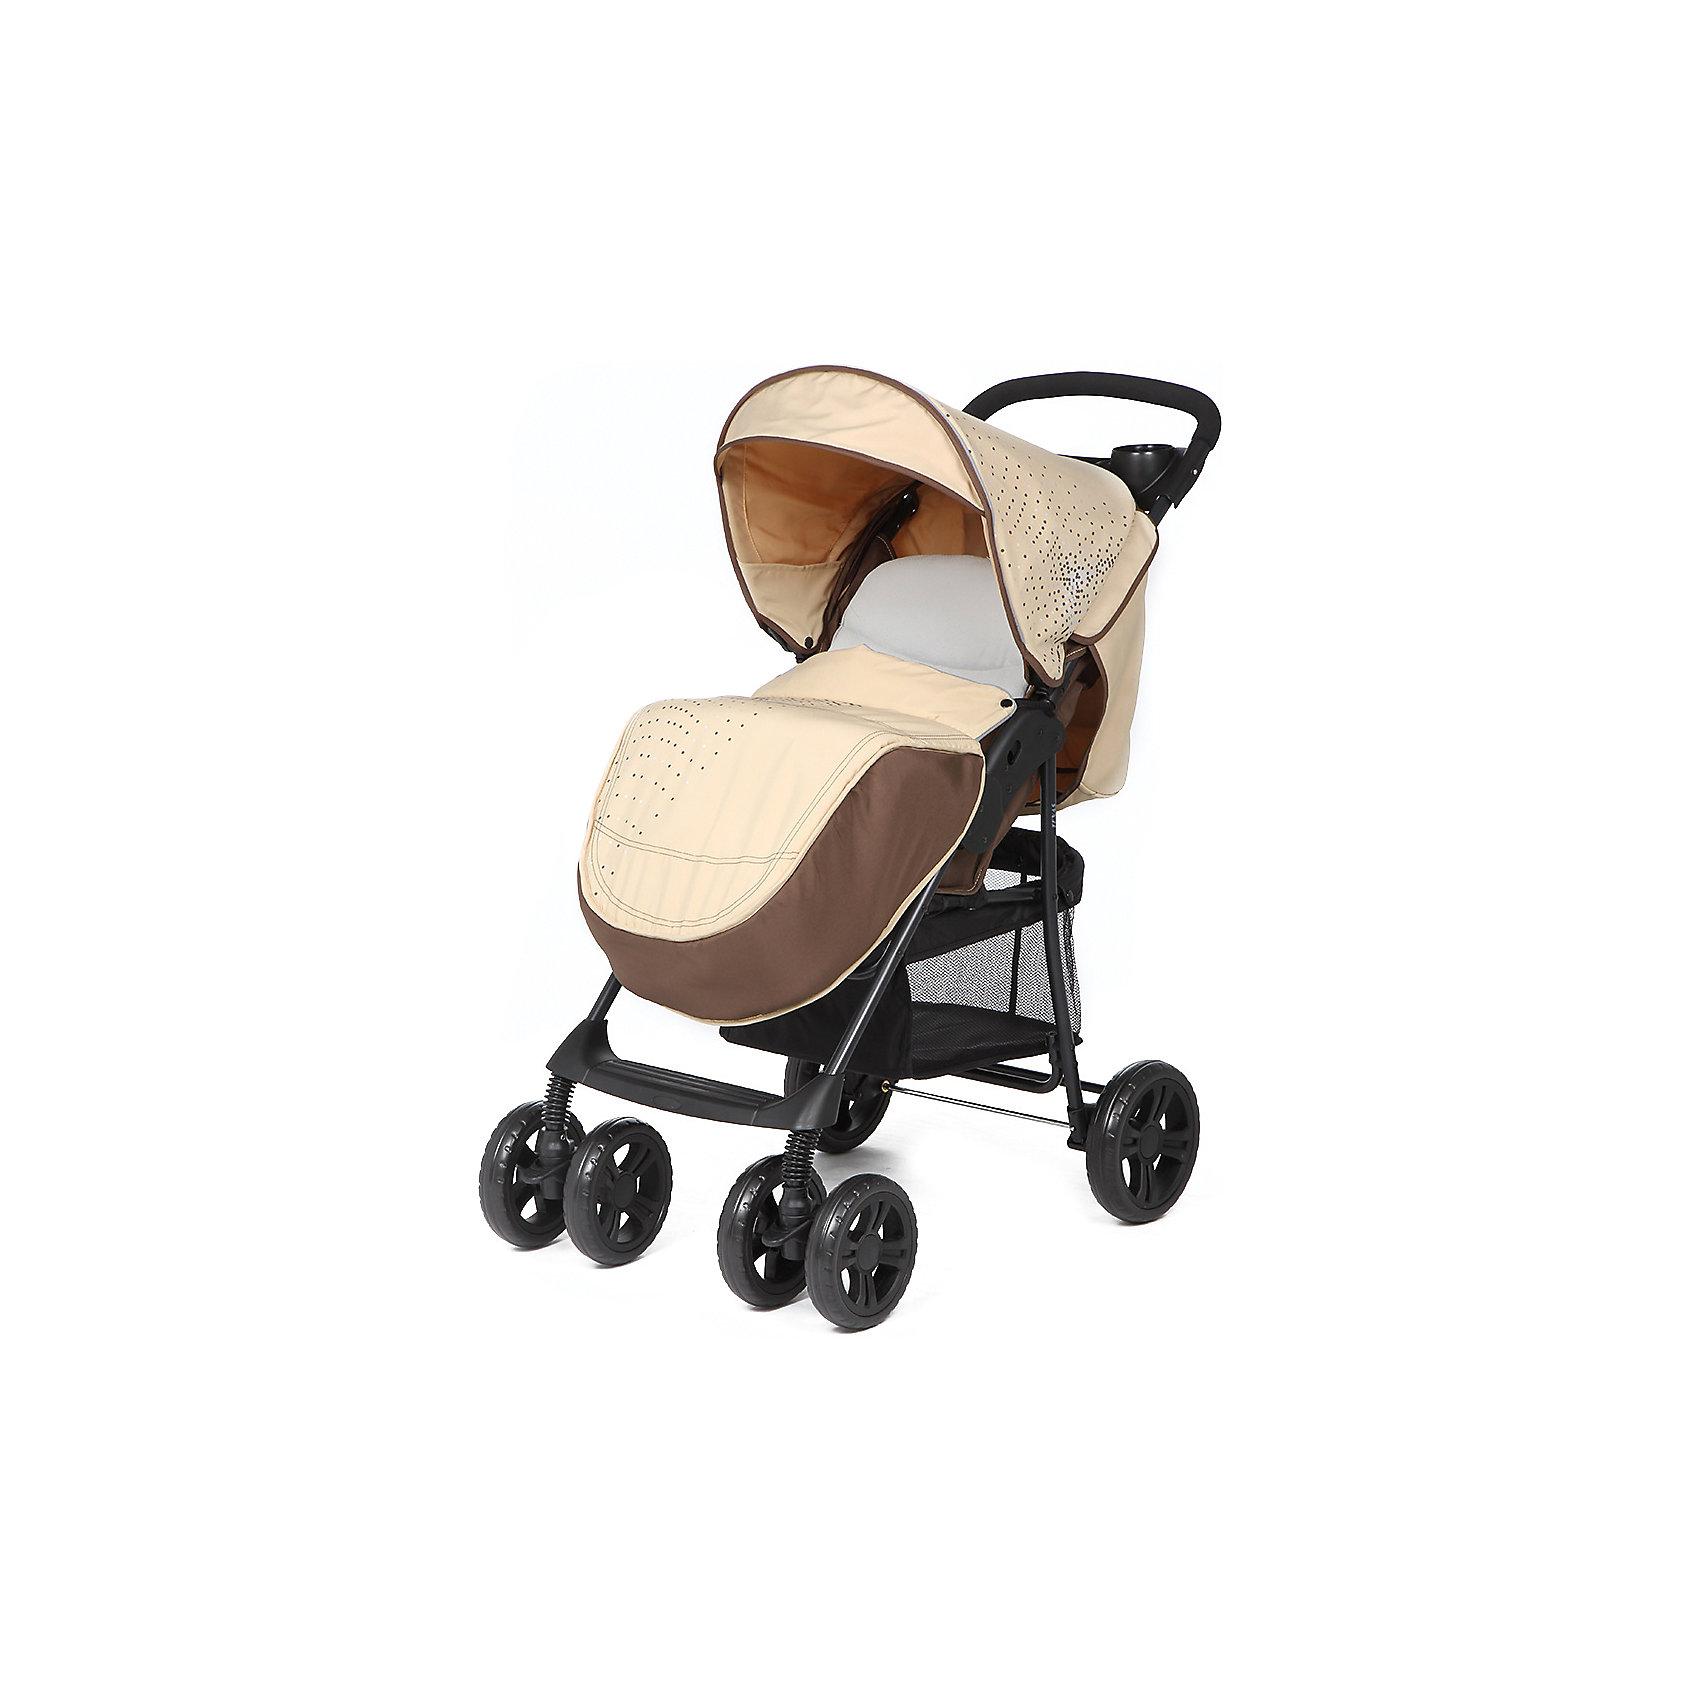 Прогулочная коляска E0970 TEXAS, Mobility One, бежевыйОблегченная прогулочная коляска выполнена в современном и удобном дизайне. Прочная и удобная коляска позволит перевозить ребенка, не беспокоясь при этом о его безопасности. Приятный цвет коляски практичен и универсален. За счет продуманной формы колес и амортизации коляска отлично будет ехать как по не ровной дороге, так и по снегу. Коляска легкая и прочная.<br>Конструкция - очень устойчивая. Модель дополнена 5-точечными ремнями безопасности. Изделие произведено из качественных и безопасных для малышей материалов, оно соответствуют всем современным требованиям безопасности.<br><br>Дополнительная информация:<br><br>цвет: бежевый;<br>механизм складывания: книжка; <br>возраст ребенка: от 6 месяцев;<br>вес коляски: 7,1 кг;<br>6 колес;<br>фиксация передних колес;<br>регулировка подножки по высоте;<br>ремни безопасности: пятиточечные;<br>столик, крепящийся на ручке коляски;<br>дождевик;<br>корзина для покупок;<br>раскладывается на 170 градусов;<br>легкая алюминиевая рама;<br>мягкий вкладыш;<br>материал: пластик, металл, текстиль.<br><br>Прогулочную коляску E0970 TEXAS, бежевый от компании Mobility One можно купить в нашем магазине.<br><br>Ширина мм: 800<br>Глубина мм: 350<br>Высота мм: 1020<br>Вес г: 8400<br>Возраст от месяцев: 6<br>Возраст до месяцев: 36<br>Пол: Унисекс<br>Возраст: Детский<br>SKU: 4778521